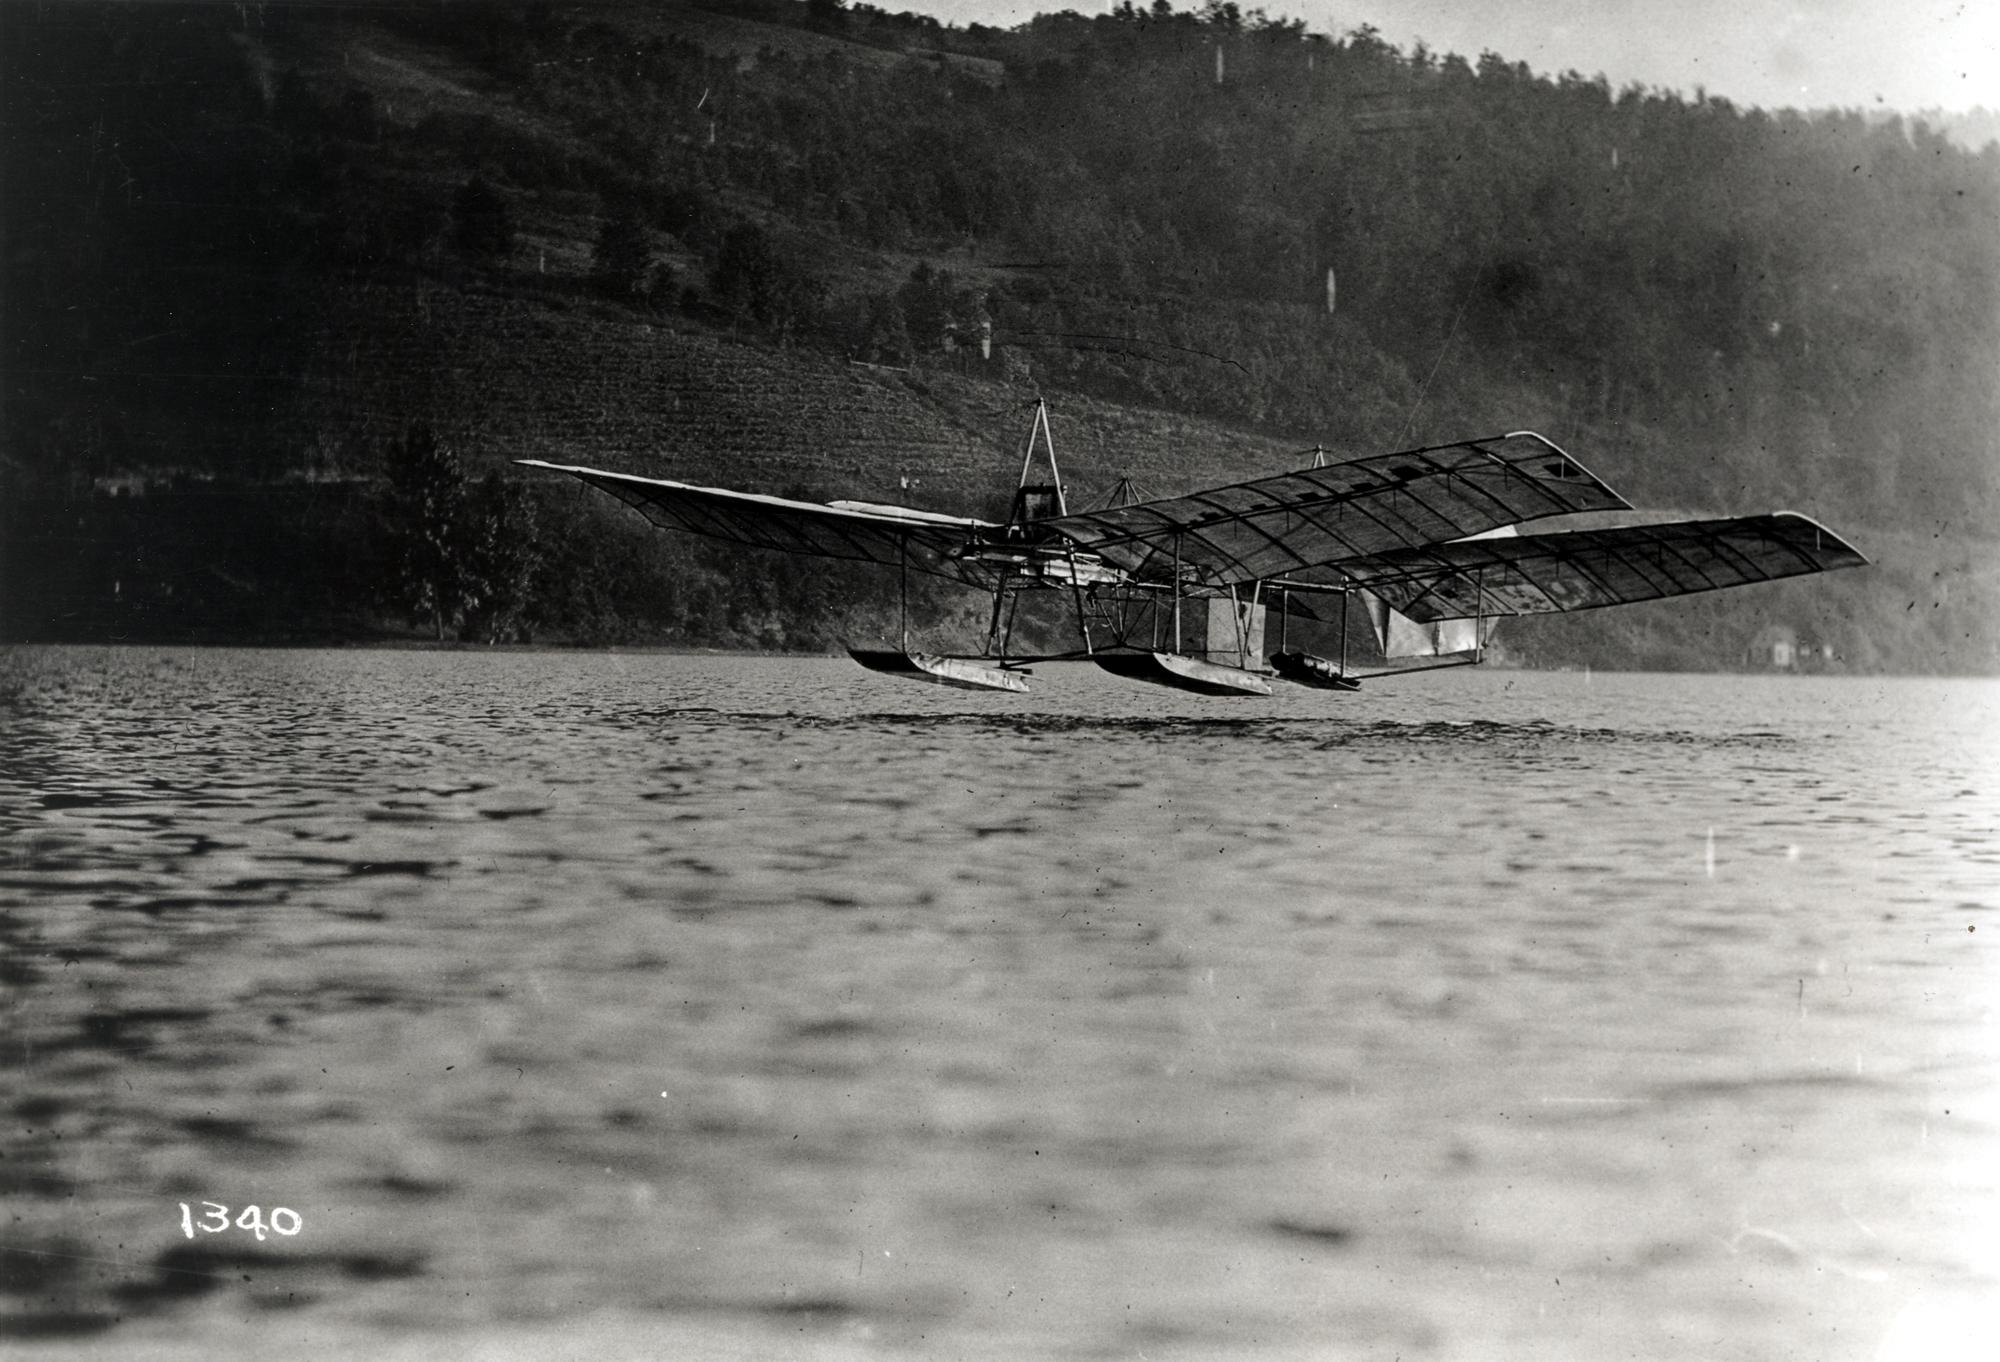 Langley Aerodrome